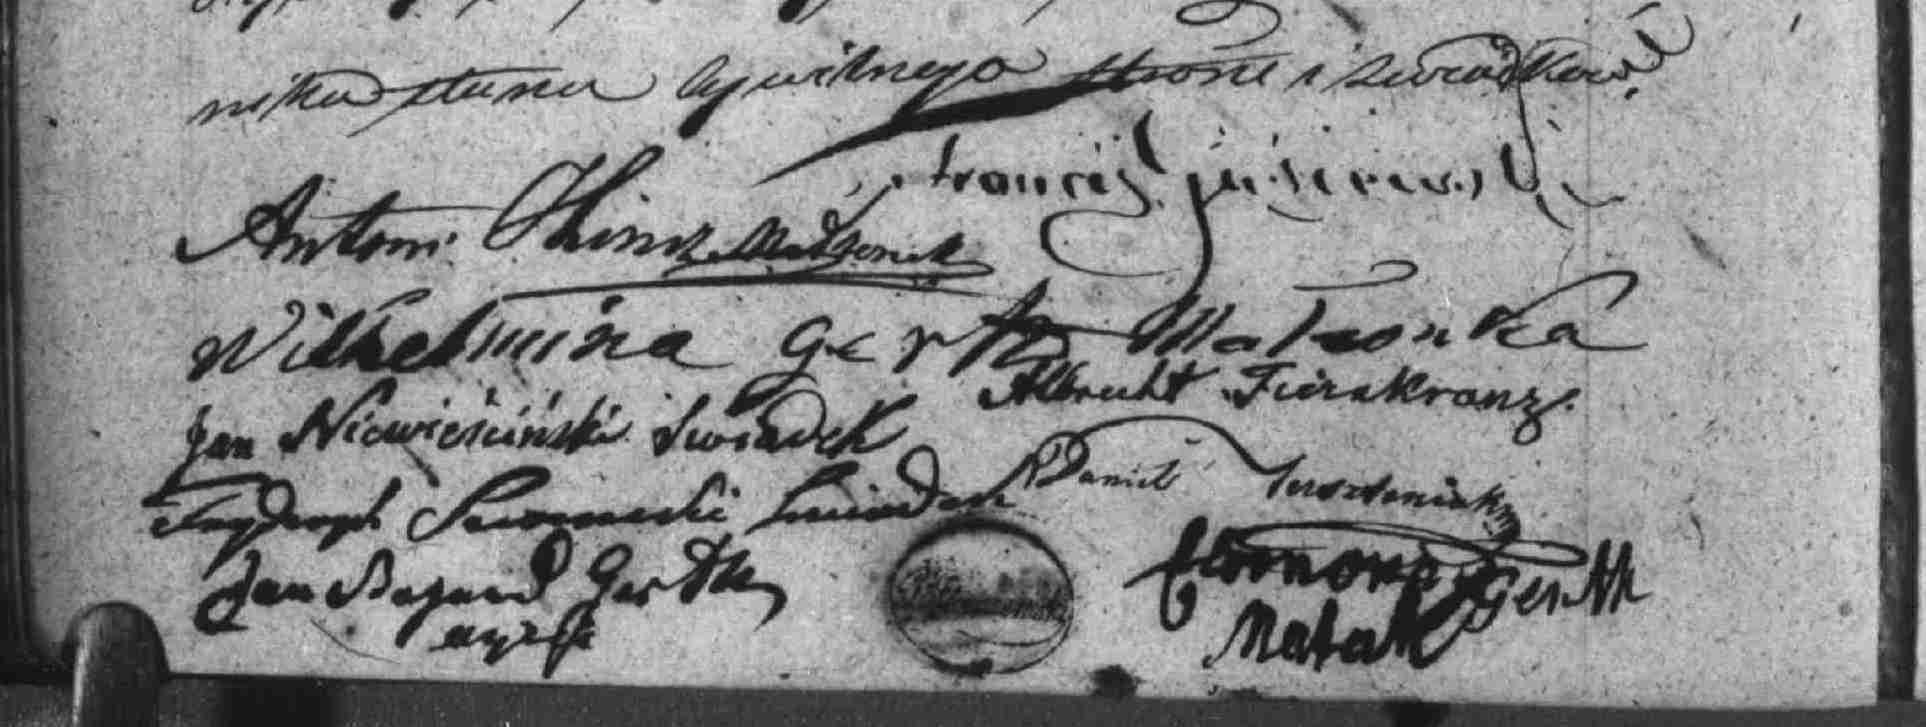 Akt ślubu Antoniego Hinicza z Emilią Gerth(3)